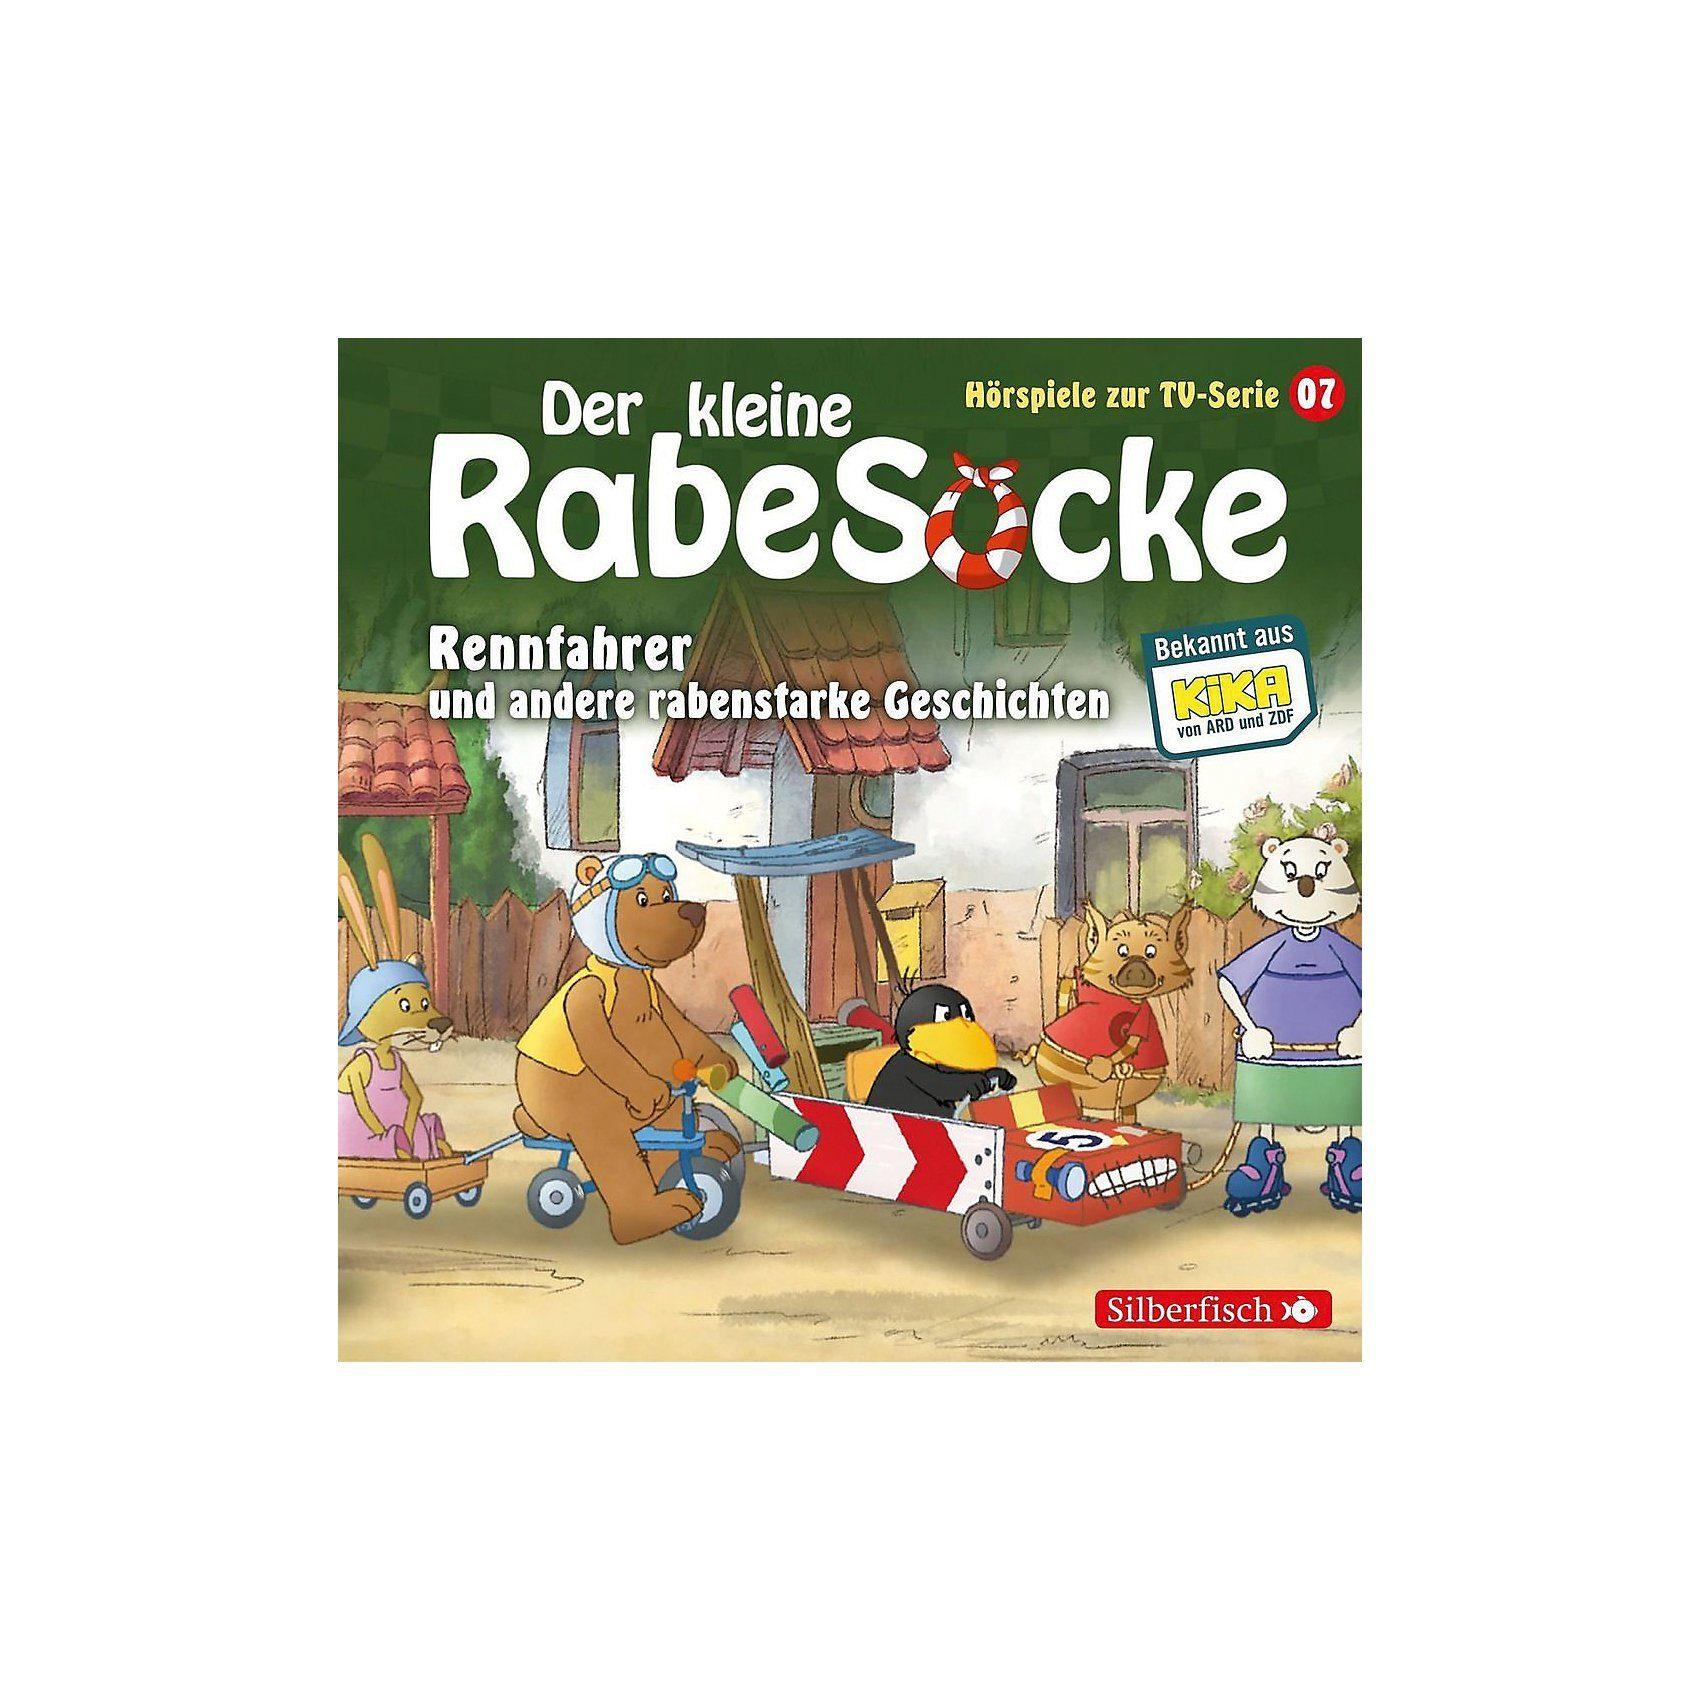 Universal CD Der Kleine Rabe Socke 07: Rennfahrer